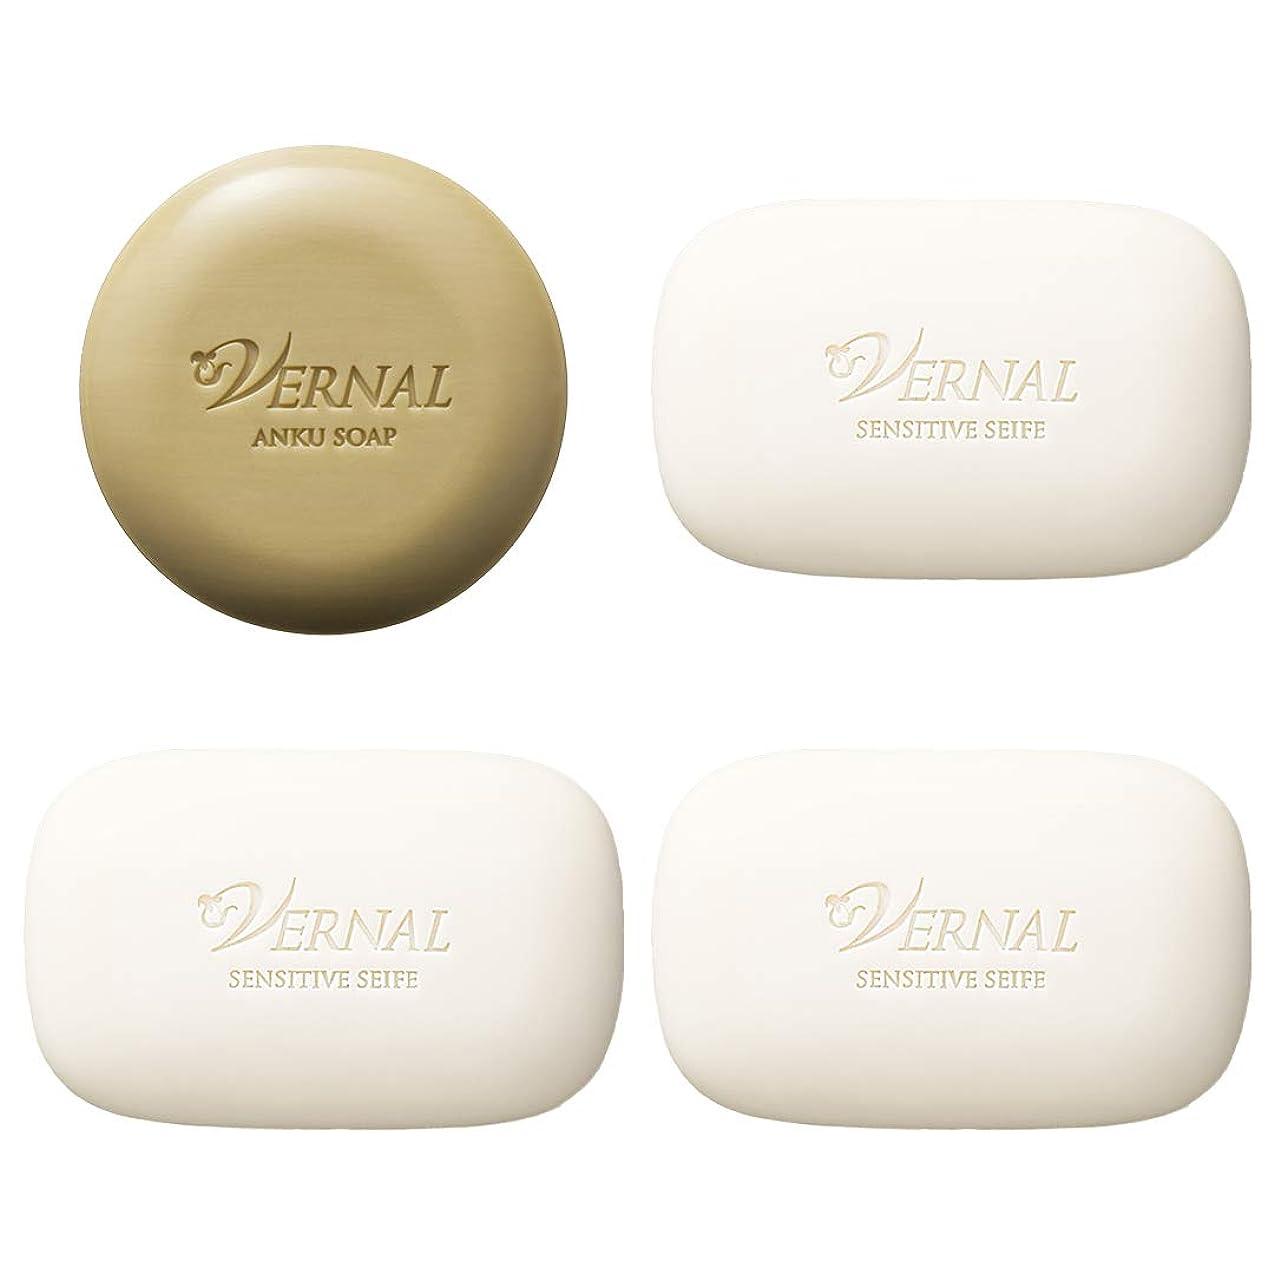 投げる汚染肌寒いアンク1個ザイフ3個(ベーシックソープ各110g)/ ヴァーナル 洗顔石鹸 お得価格